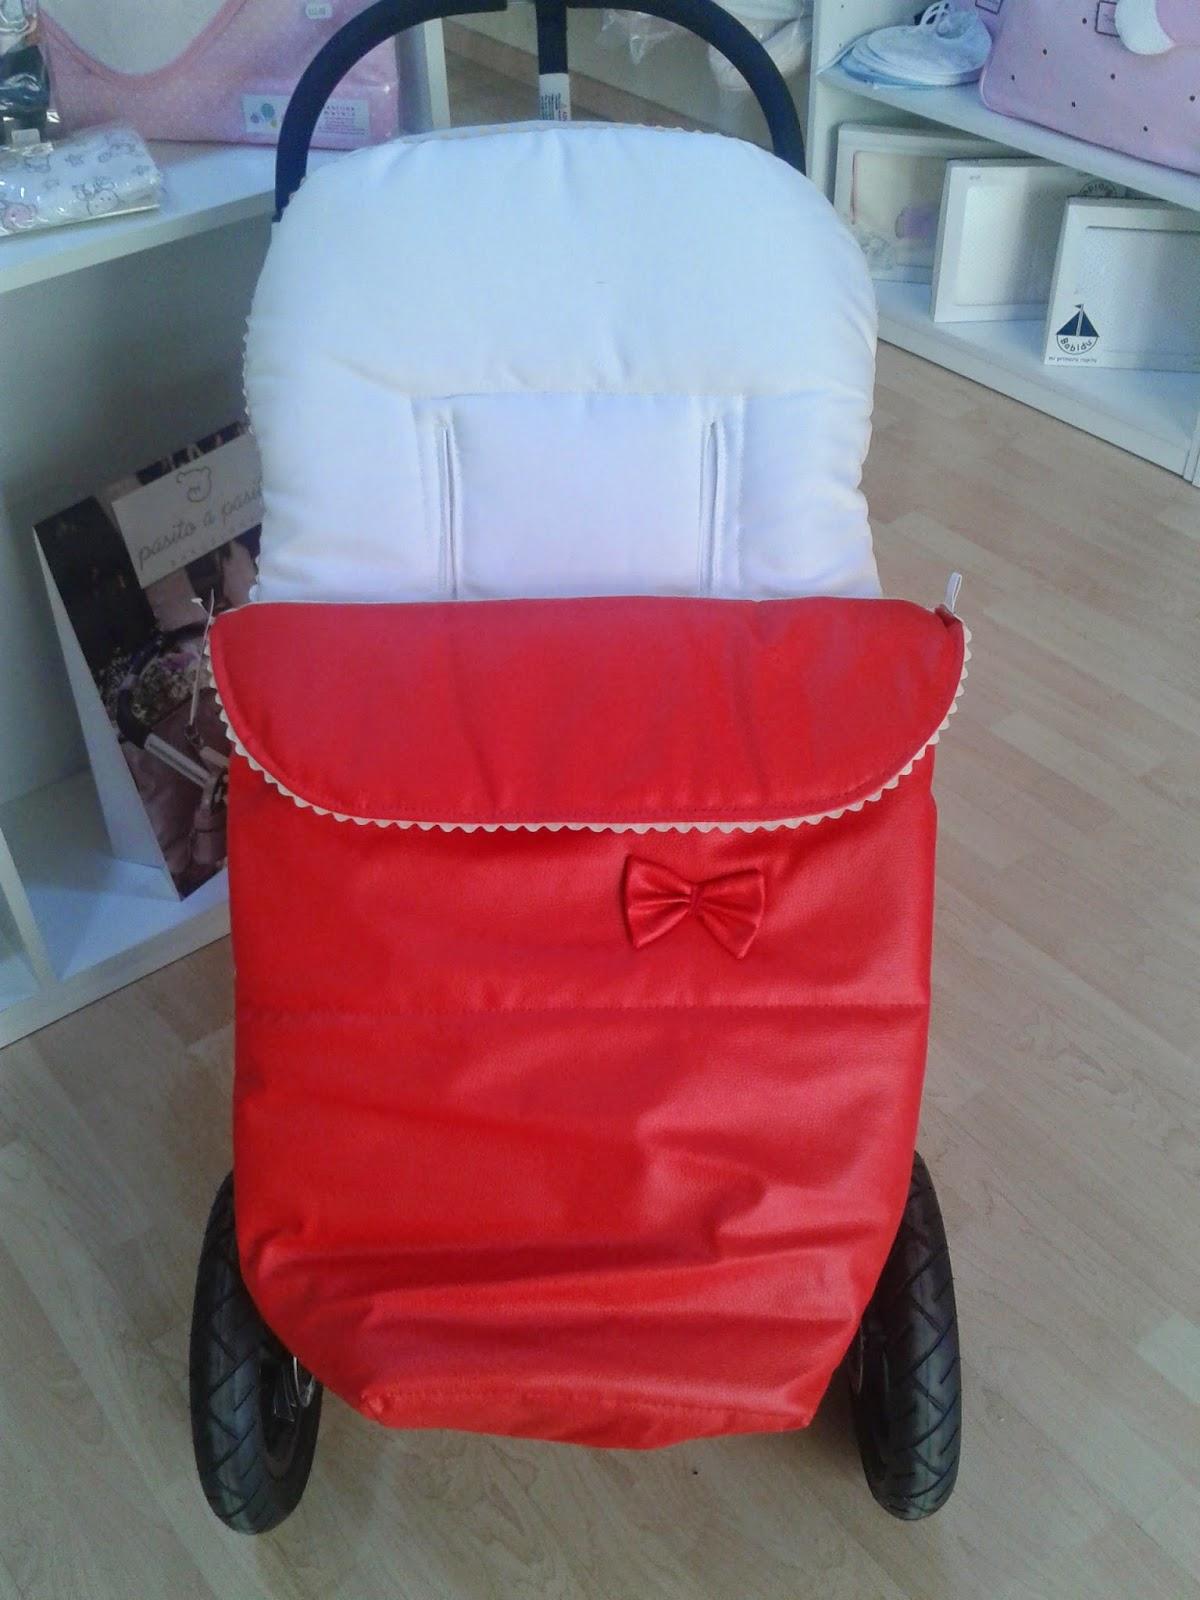 Lazos beb s sacos de silla polipiel 49 90 - Sacos silla baratos ...